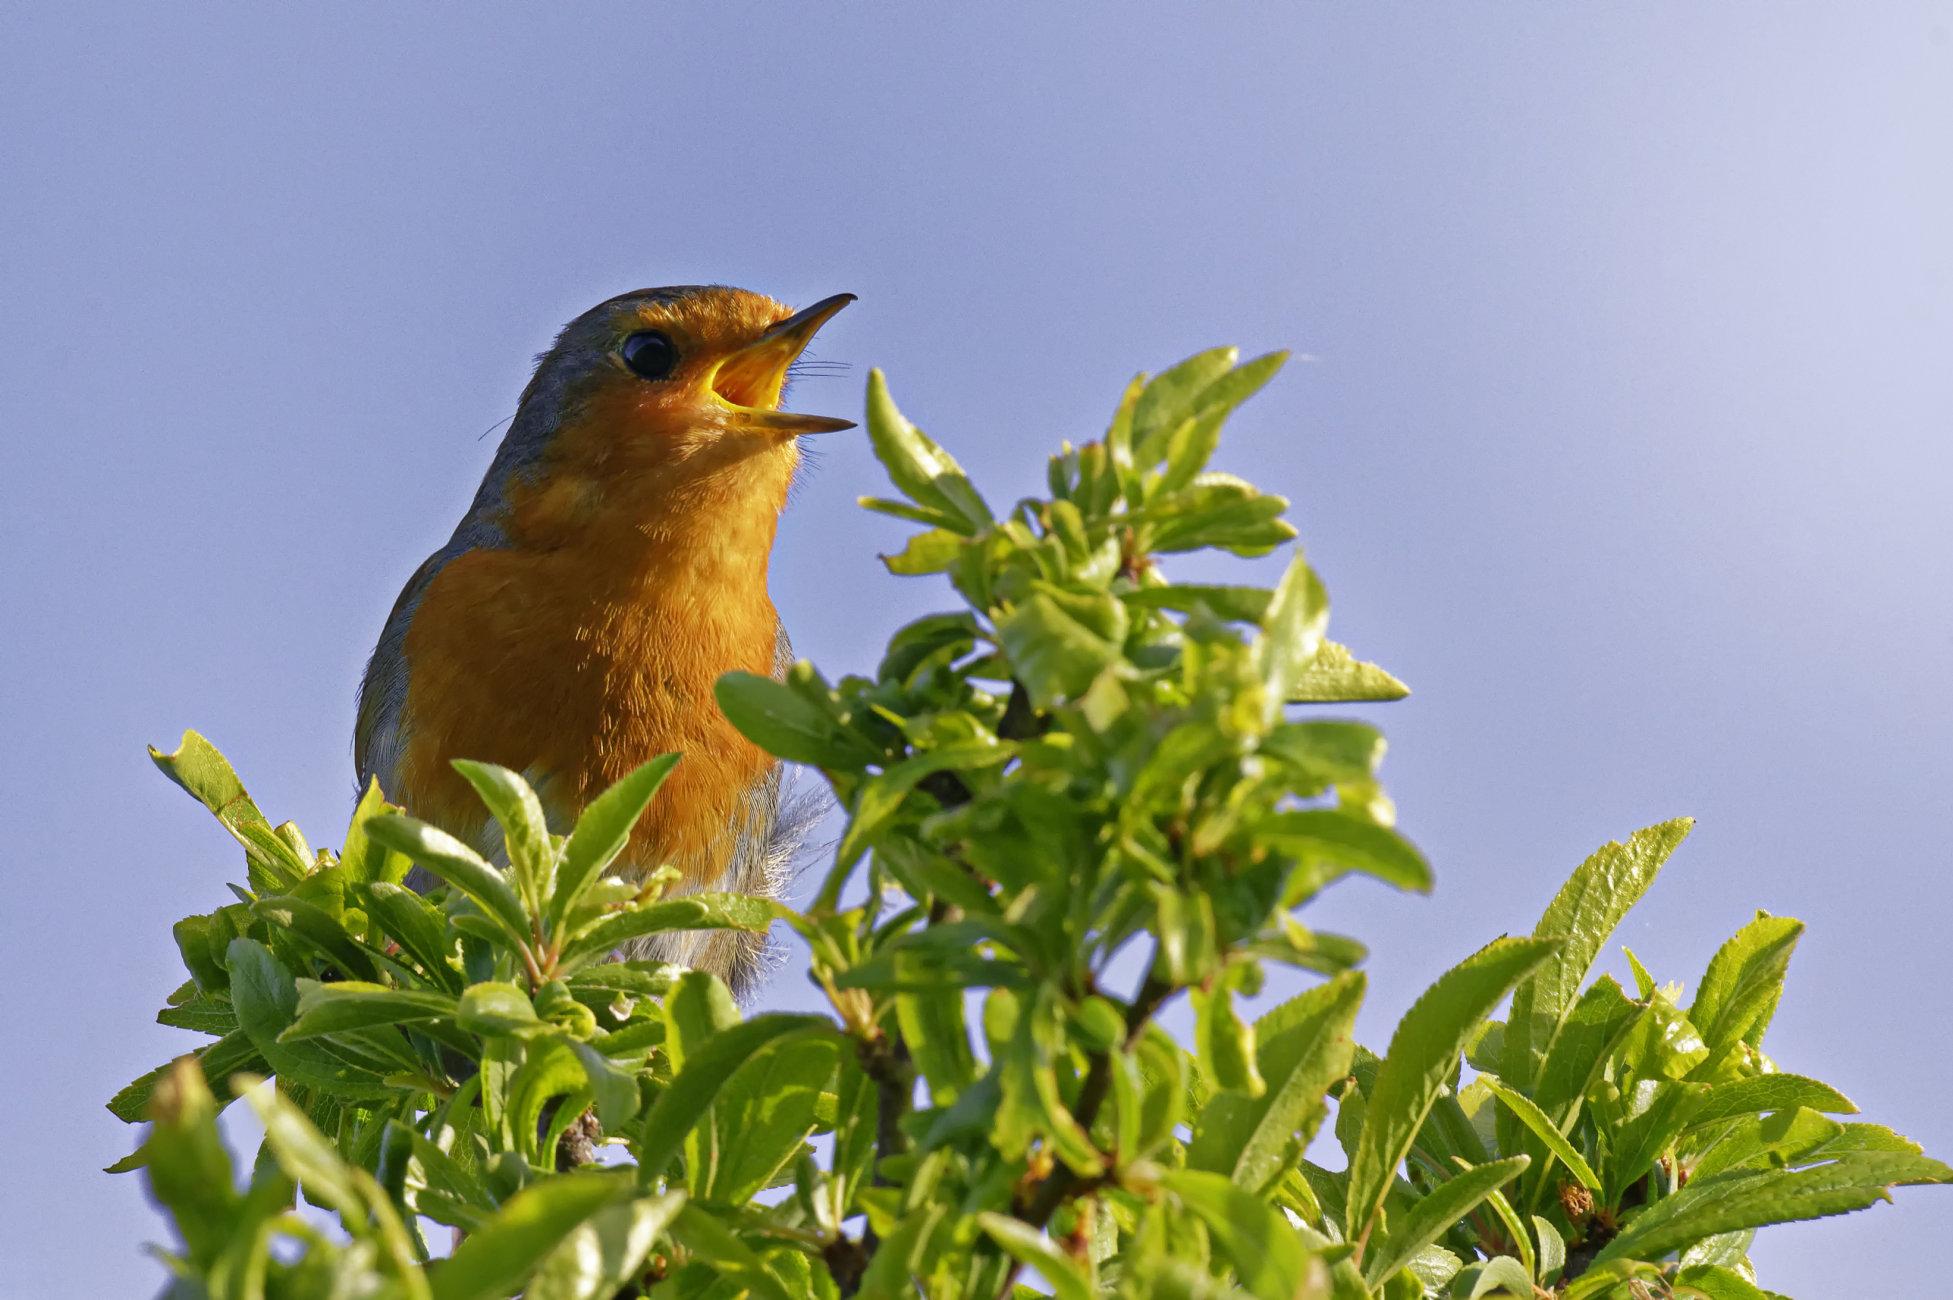 Robin in full song.